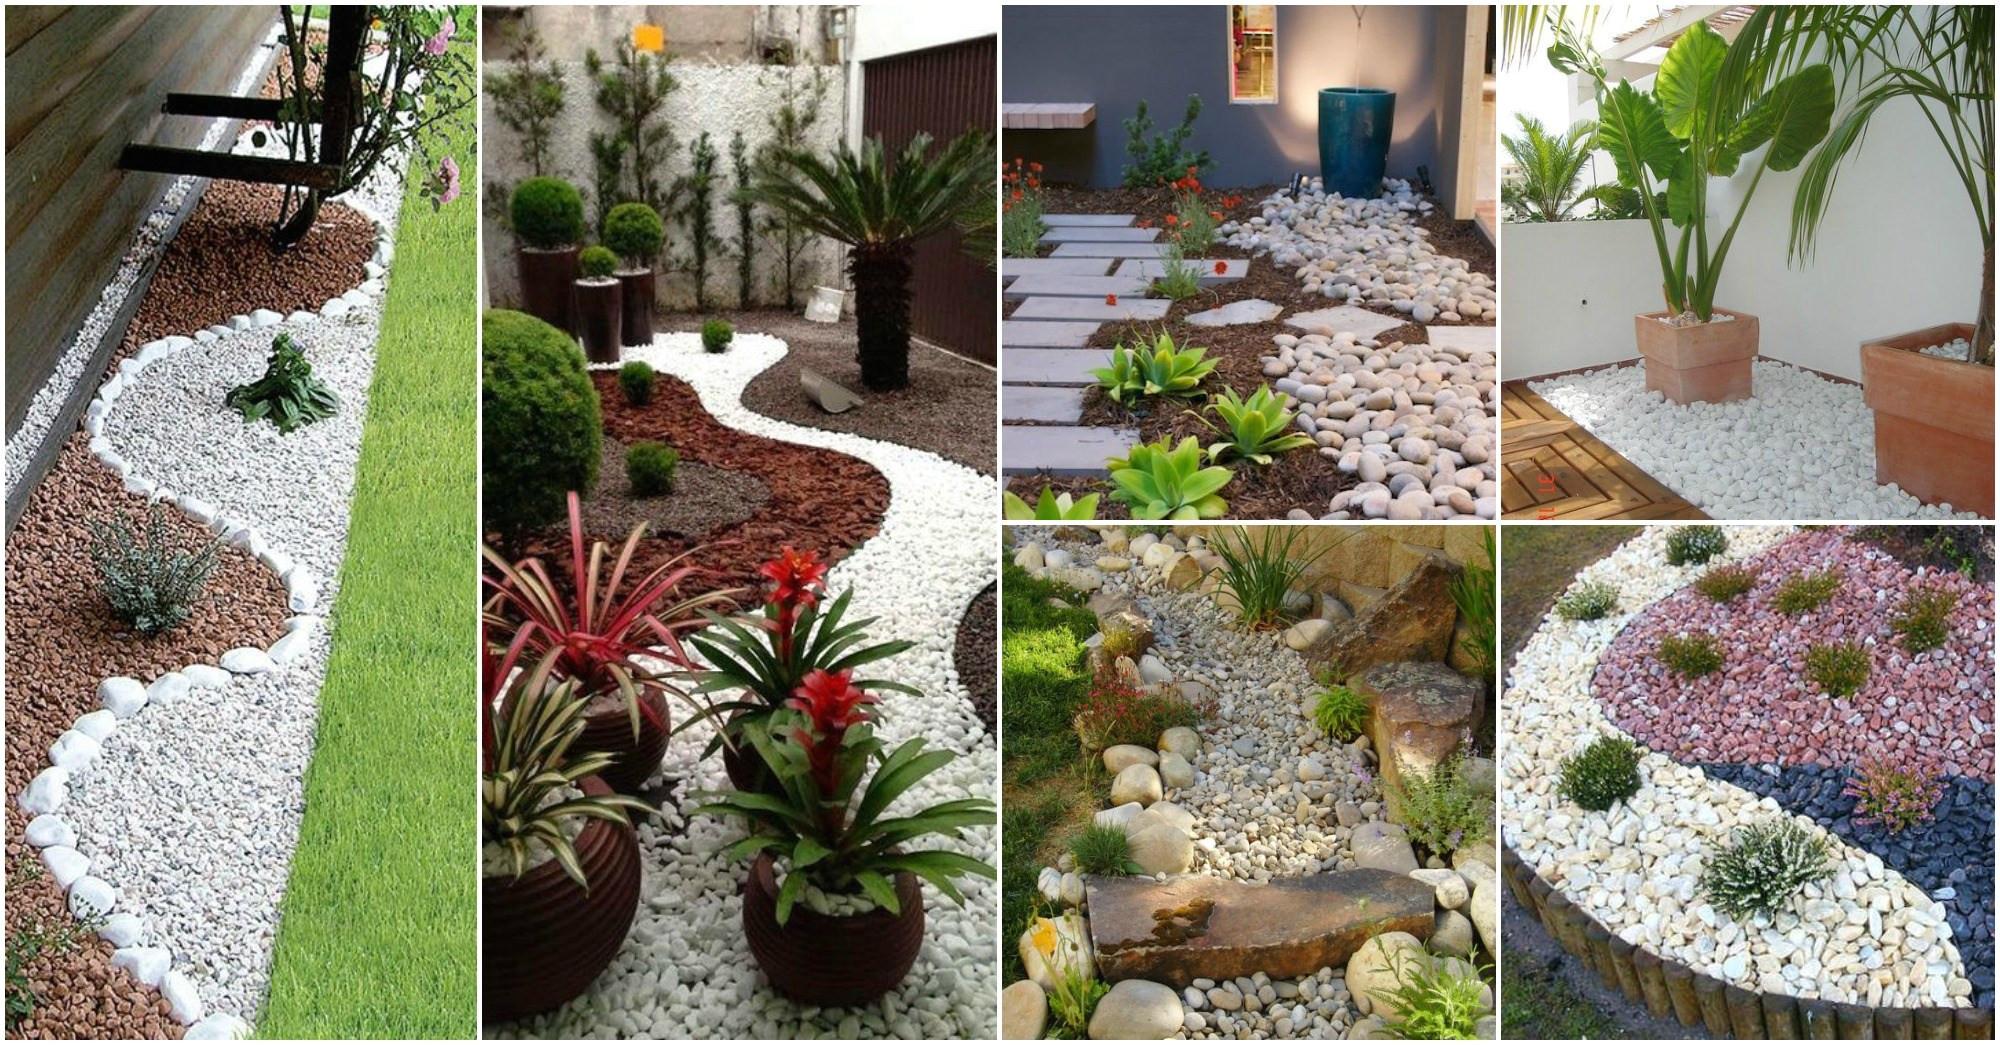 Jardines peque os para frentes de casas con piedras for Como decorar mi jardin con piedras y plantas